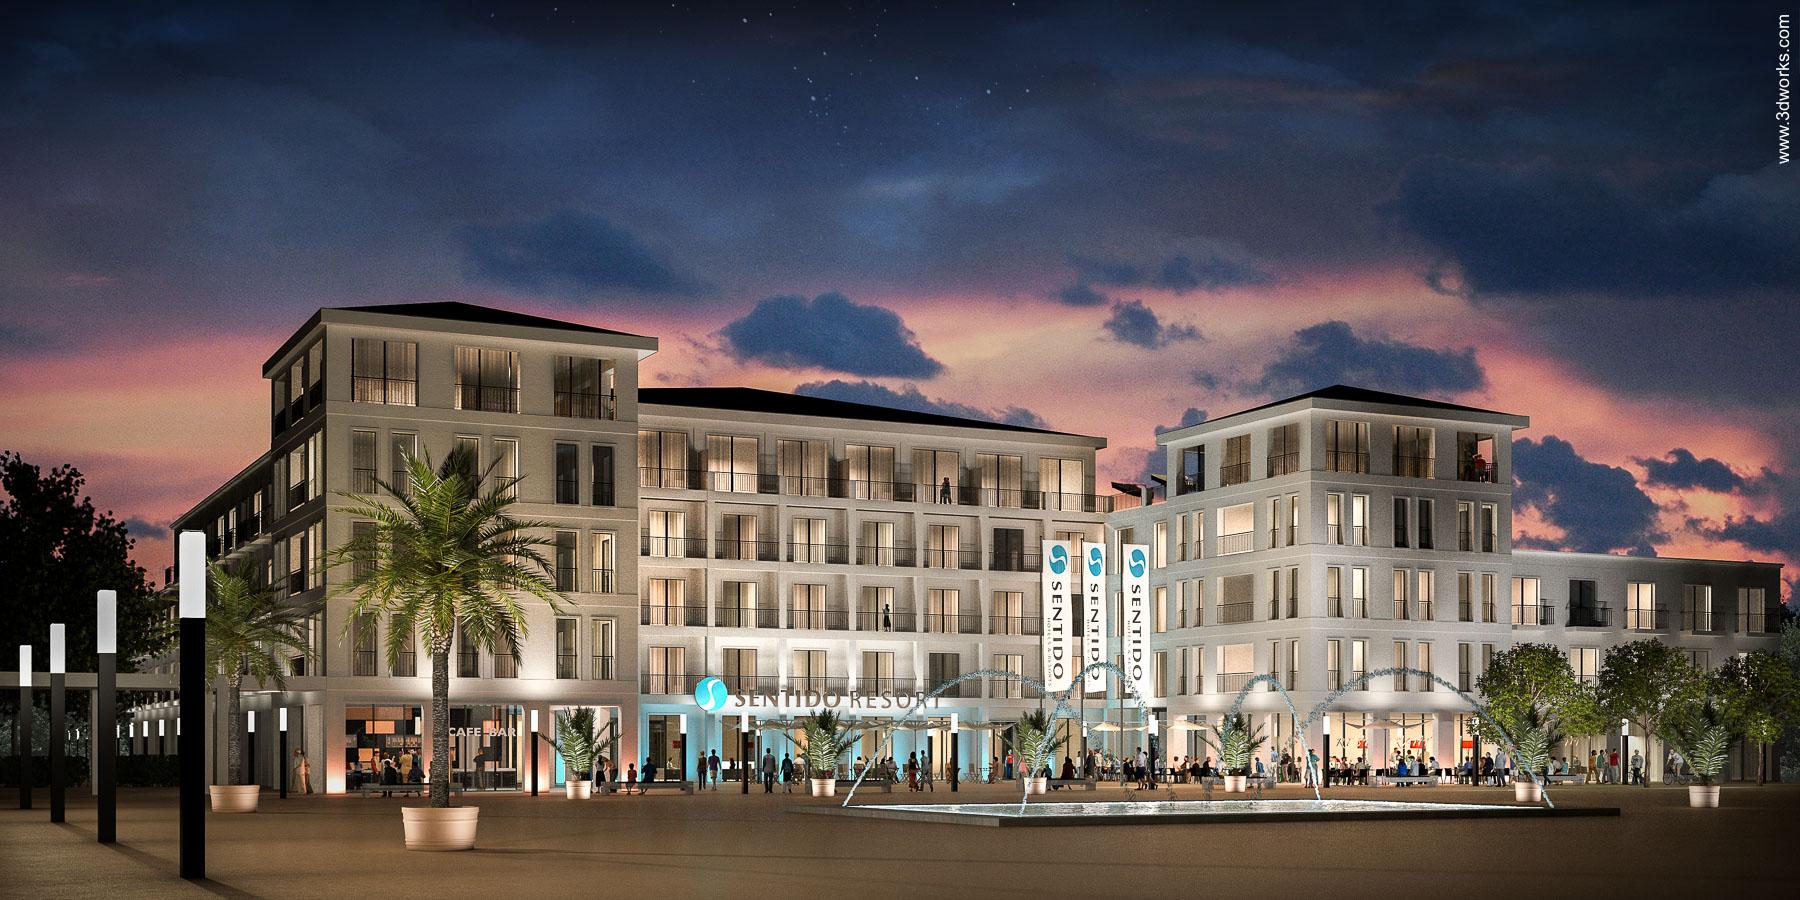 Architekturvisualisierung, Resort auf Norderney - Kunde: Tenkhoff Properties GmbH